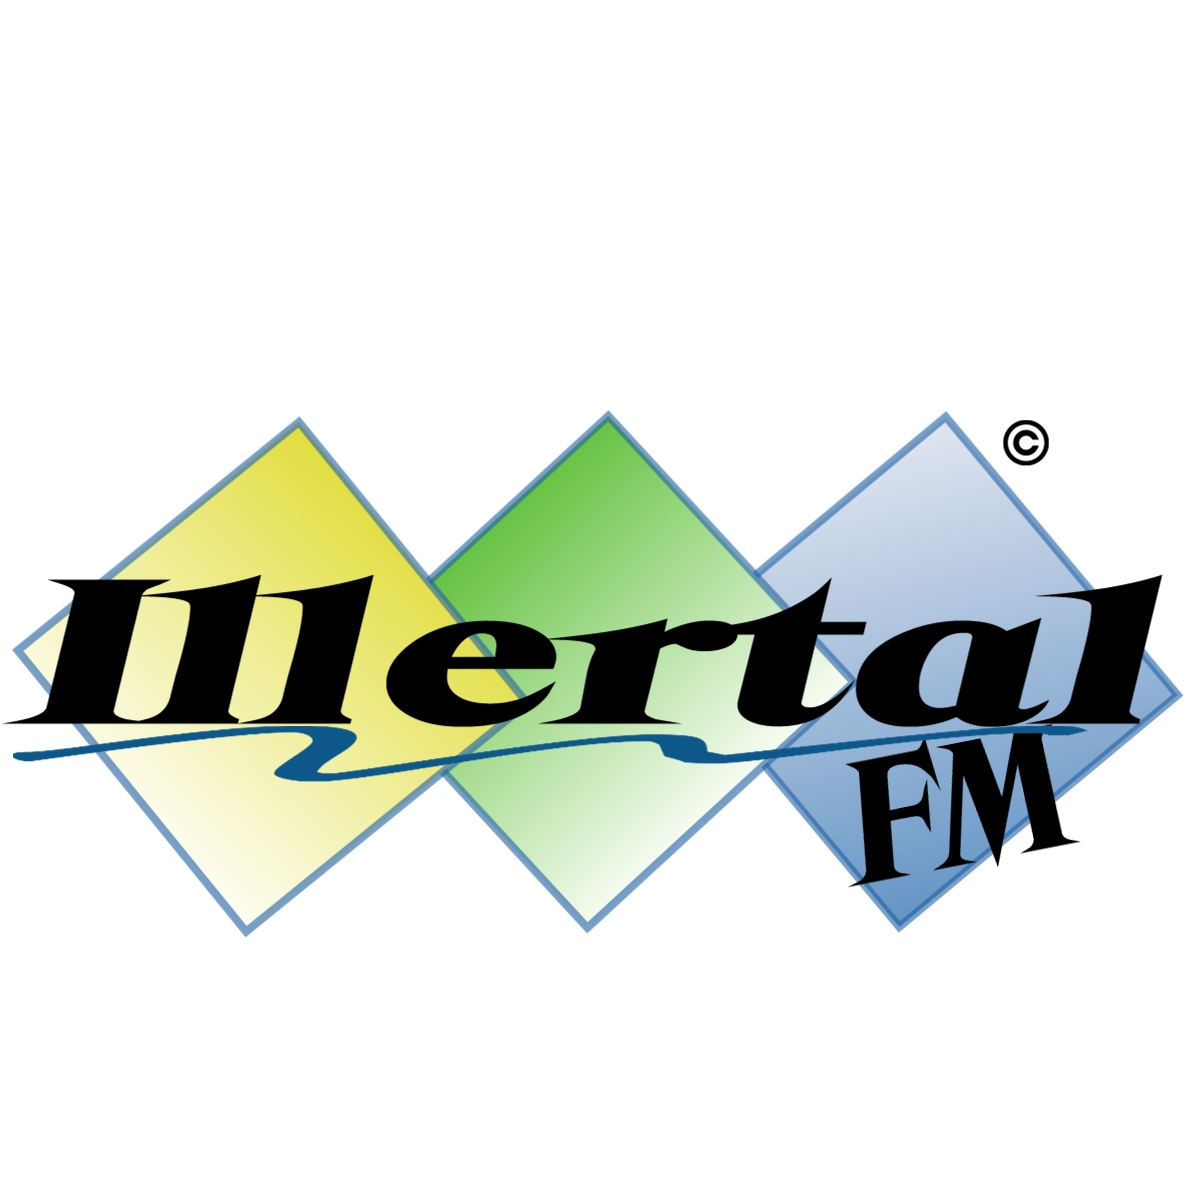 IllertalFM Alles was Du hören willst.